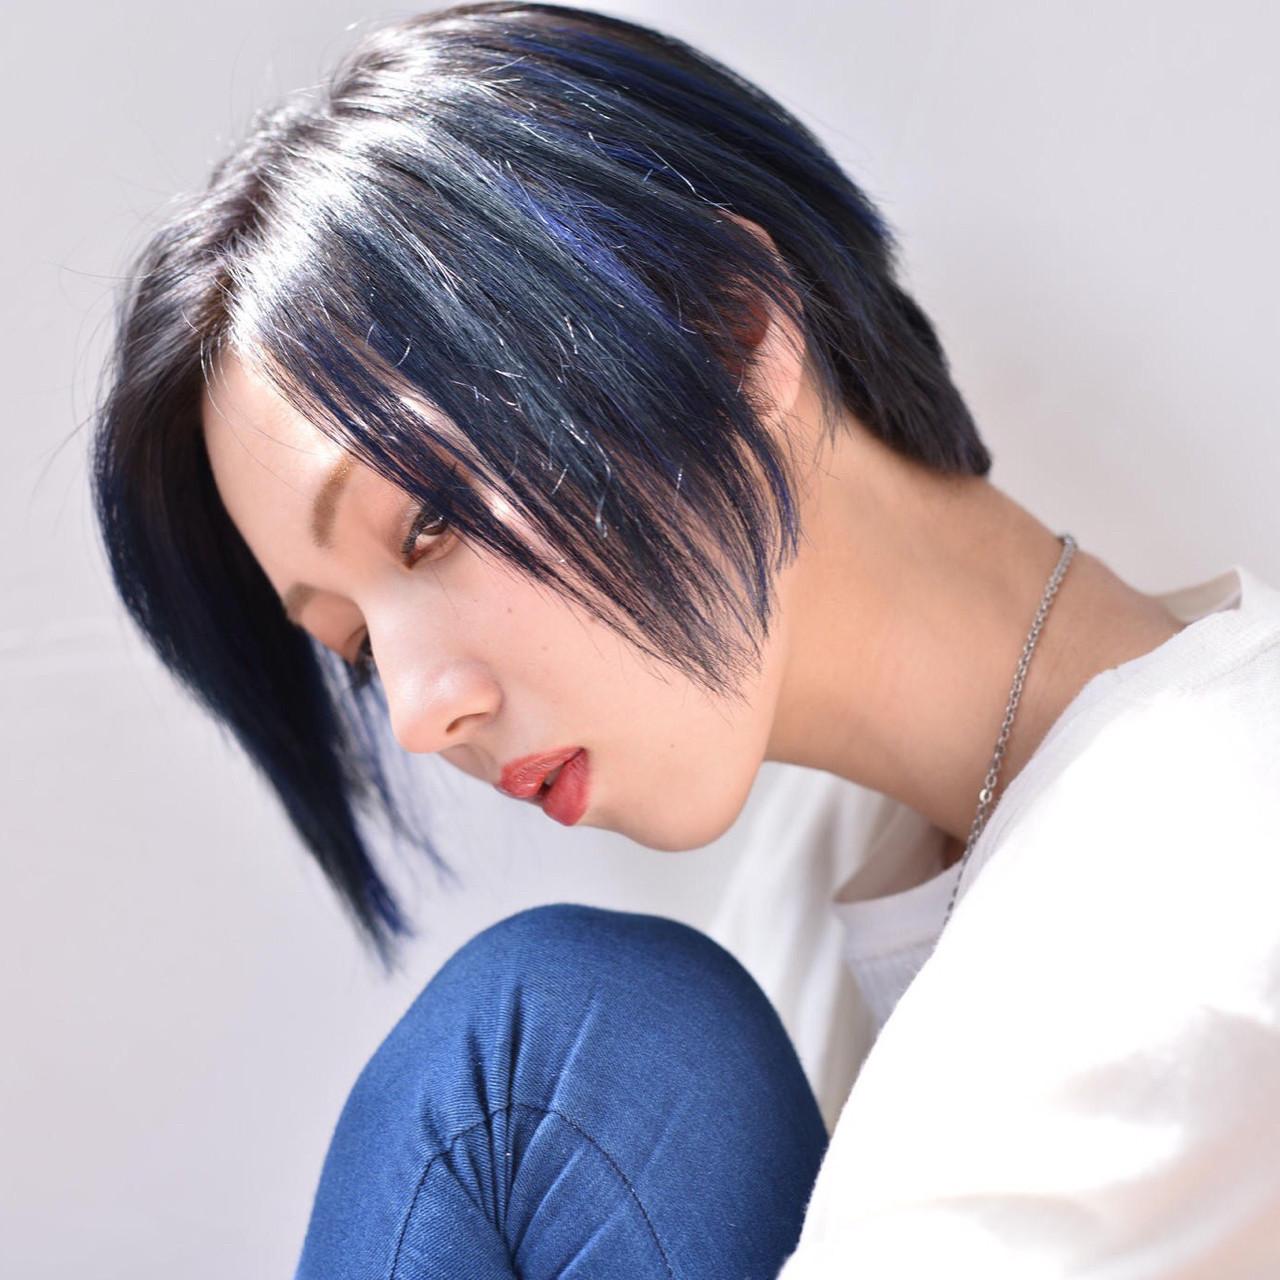 黒髪メッシュで周りと差をつける!マネしたくなるトレンドスタイル♡ よしかげ